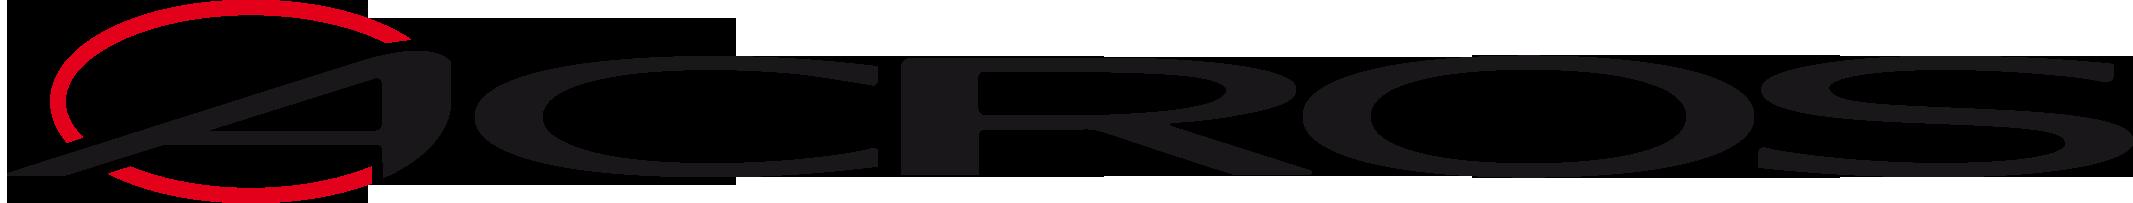 Logo Acros PNG - 34880